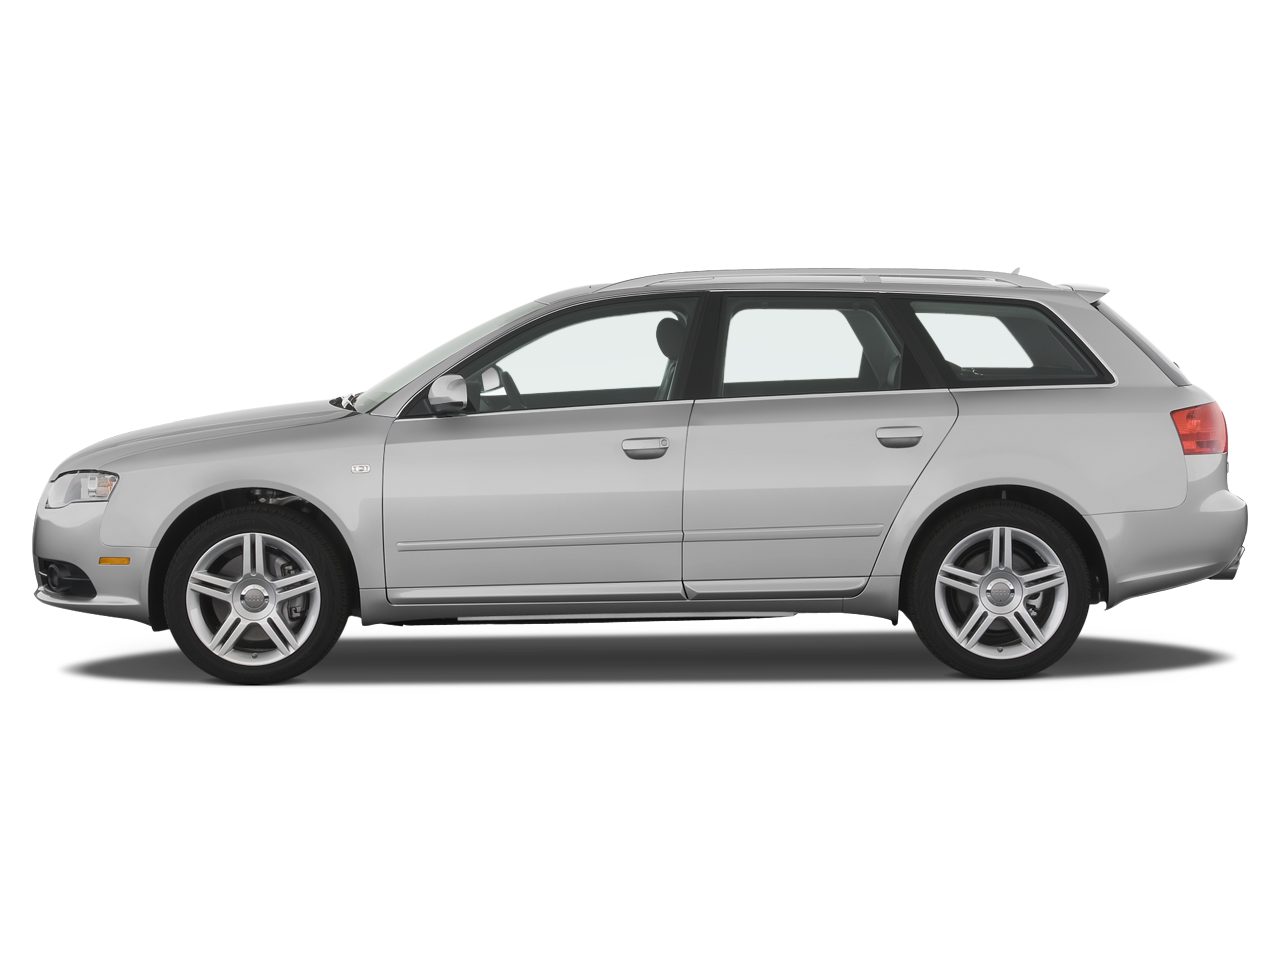 Audi a4 quattro station wagon 2015 11